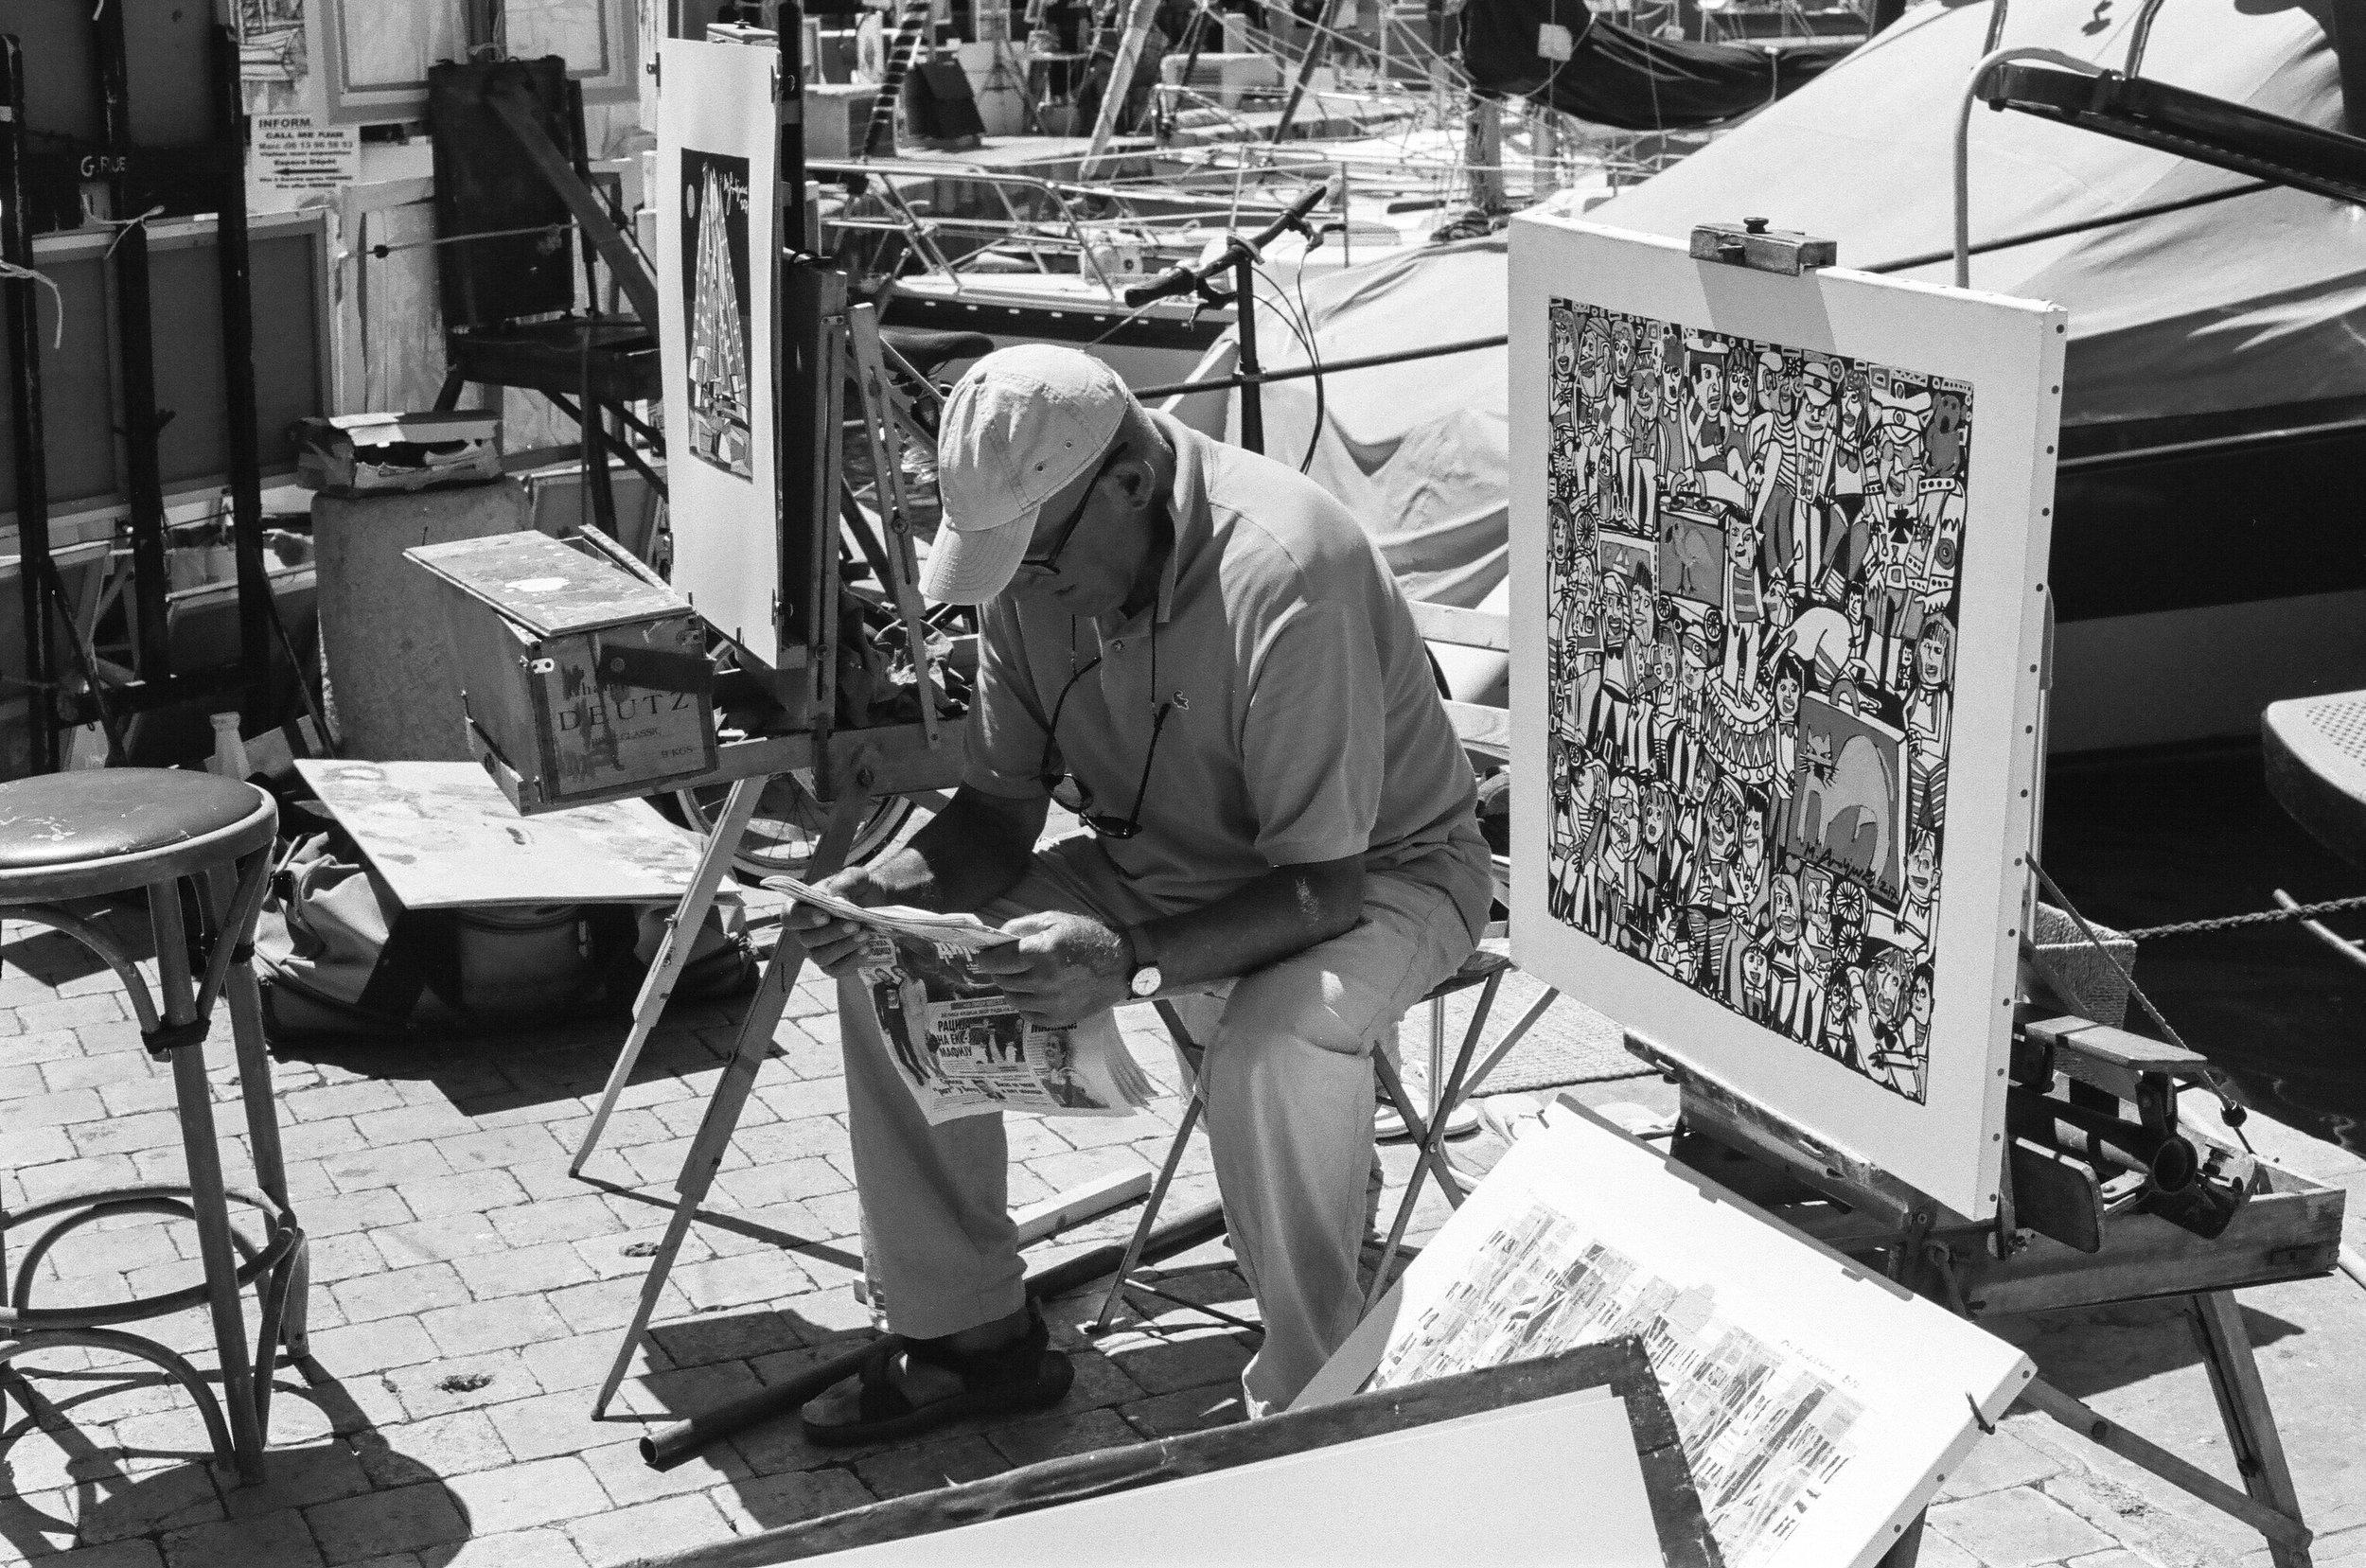 An artist, St. Tropez. France. 2017.